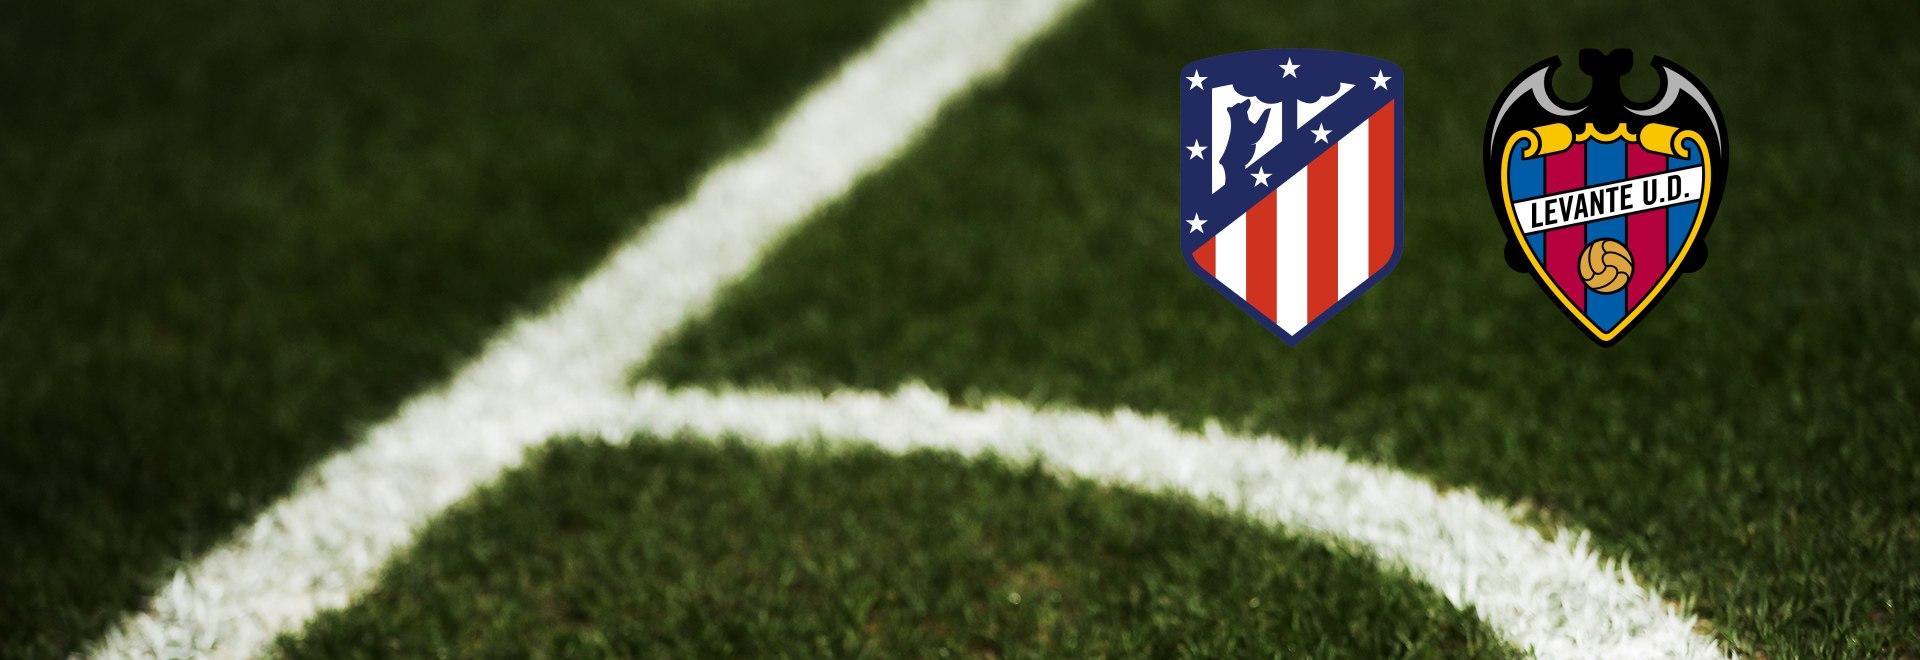 Atletico M. - Levante. 19a g.